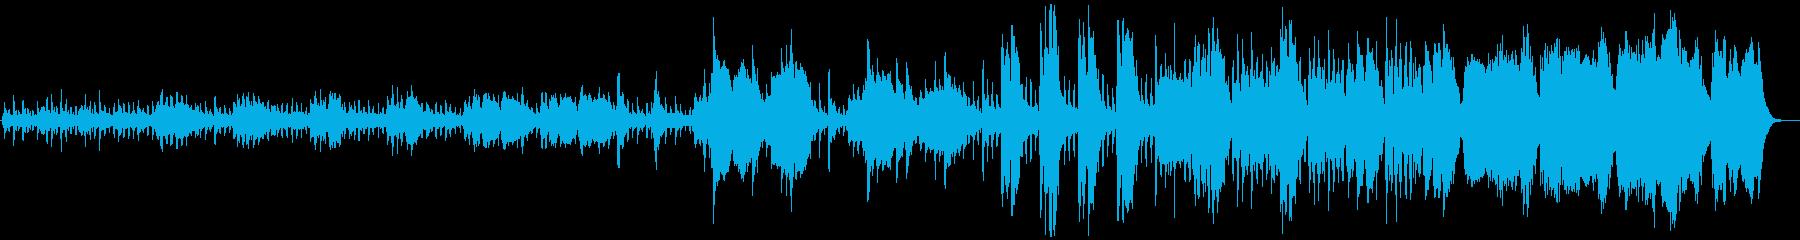 生演奏オーケストラ小編成、不気味なマーチの再生済みの波形